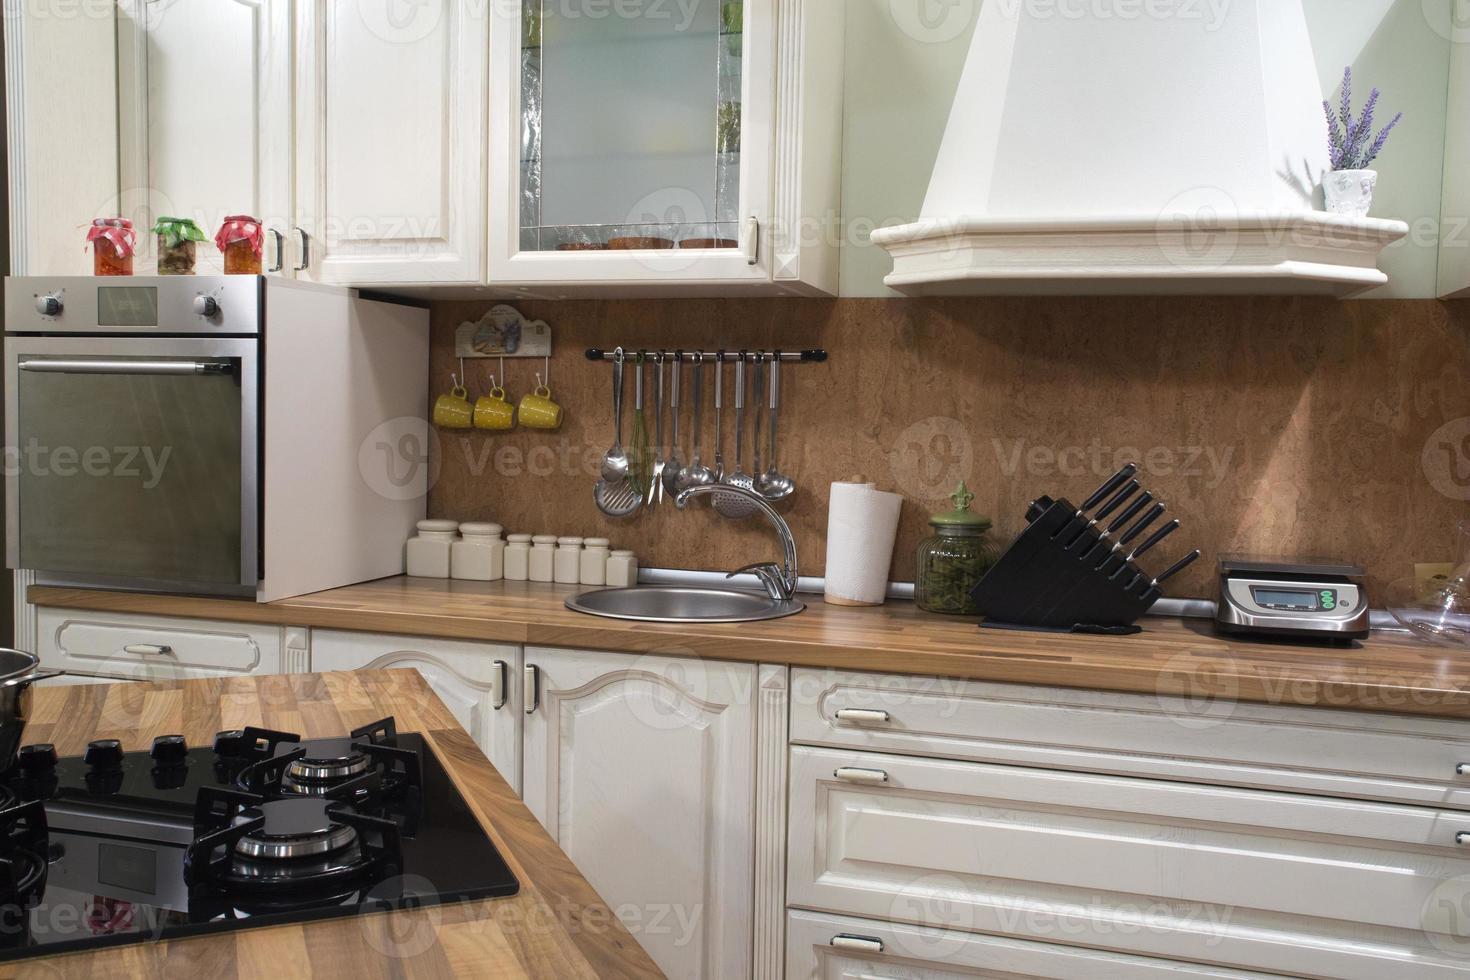 intérieur de la cuisine. photo